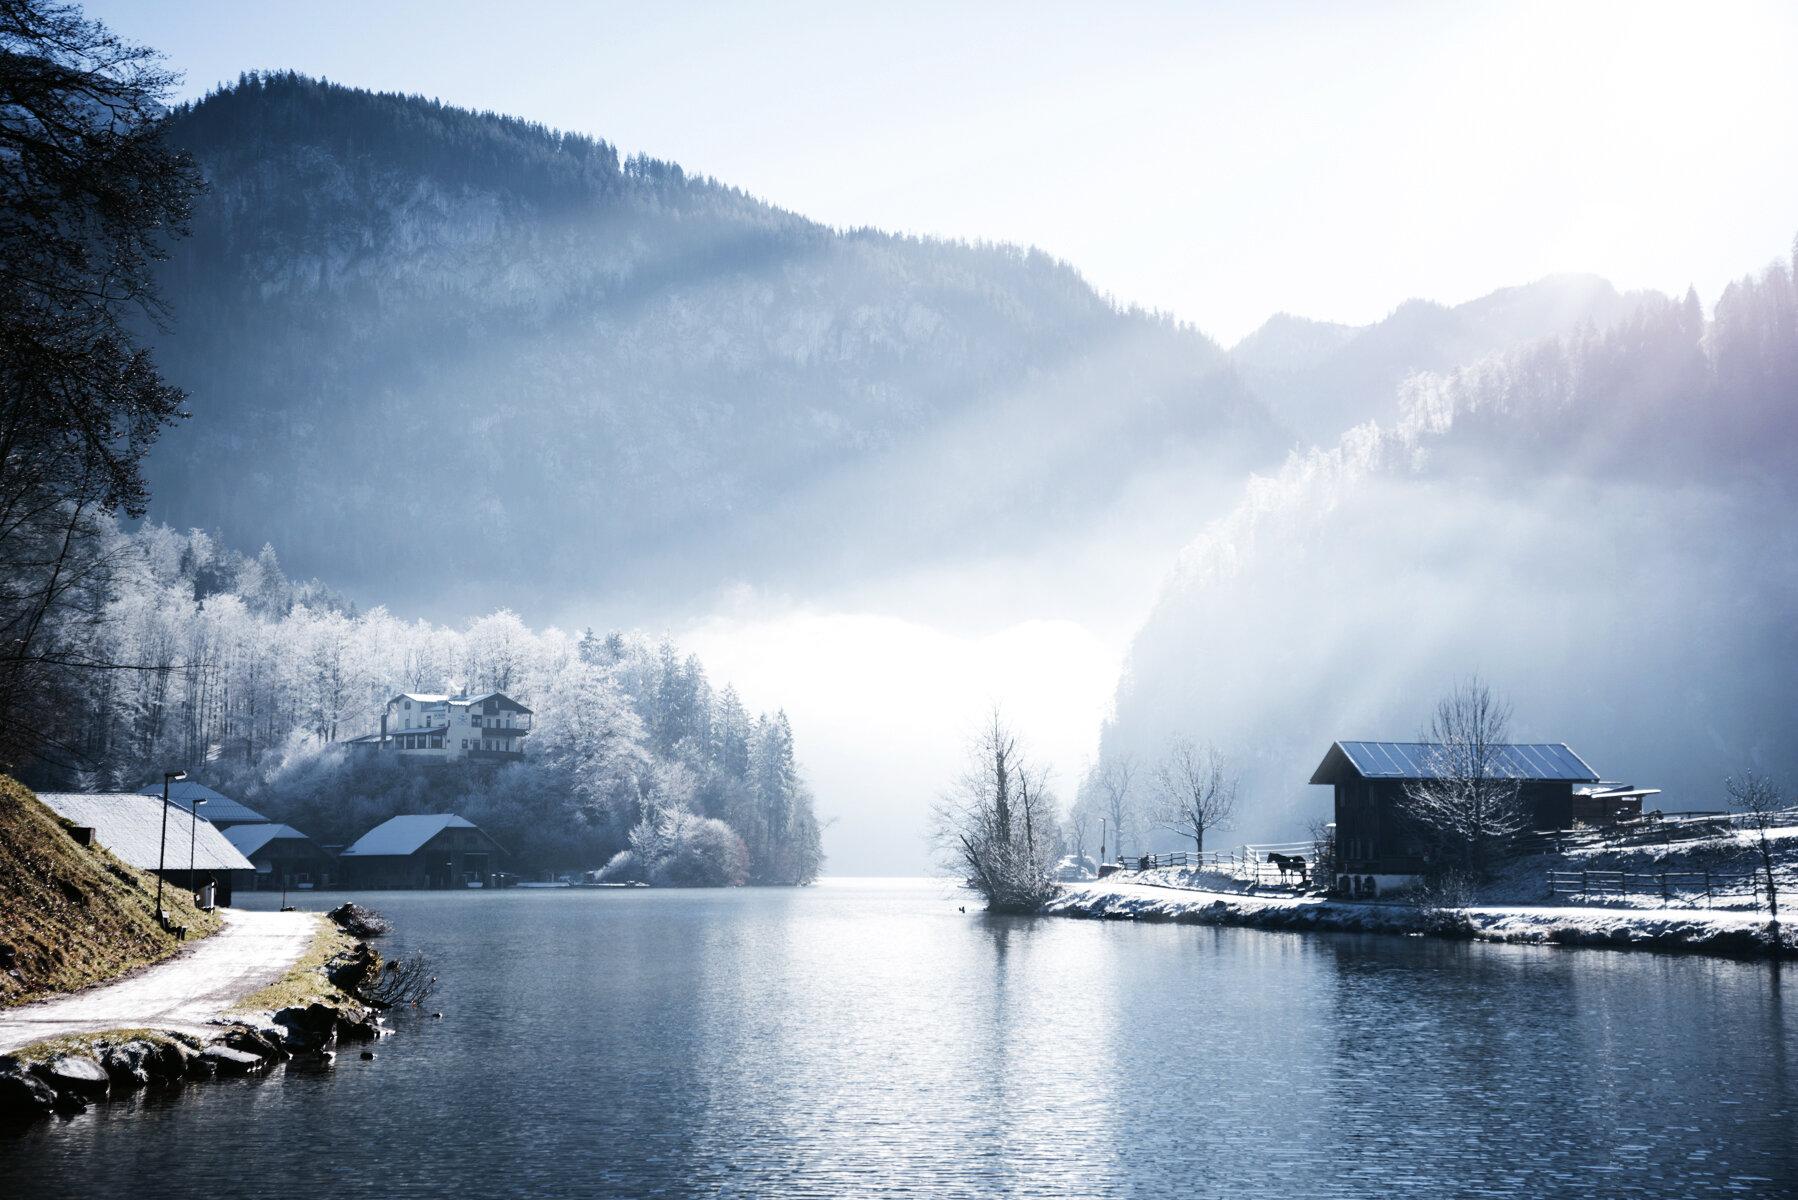 冬季國王湖雪景景色